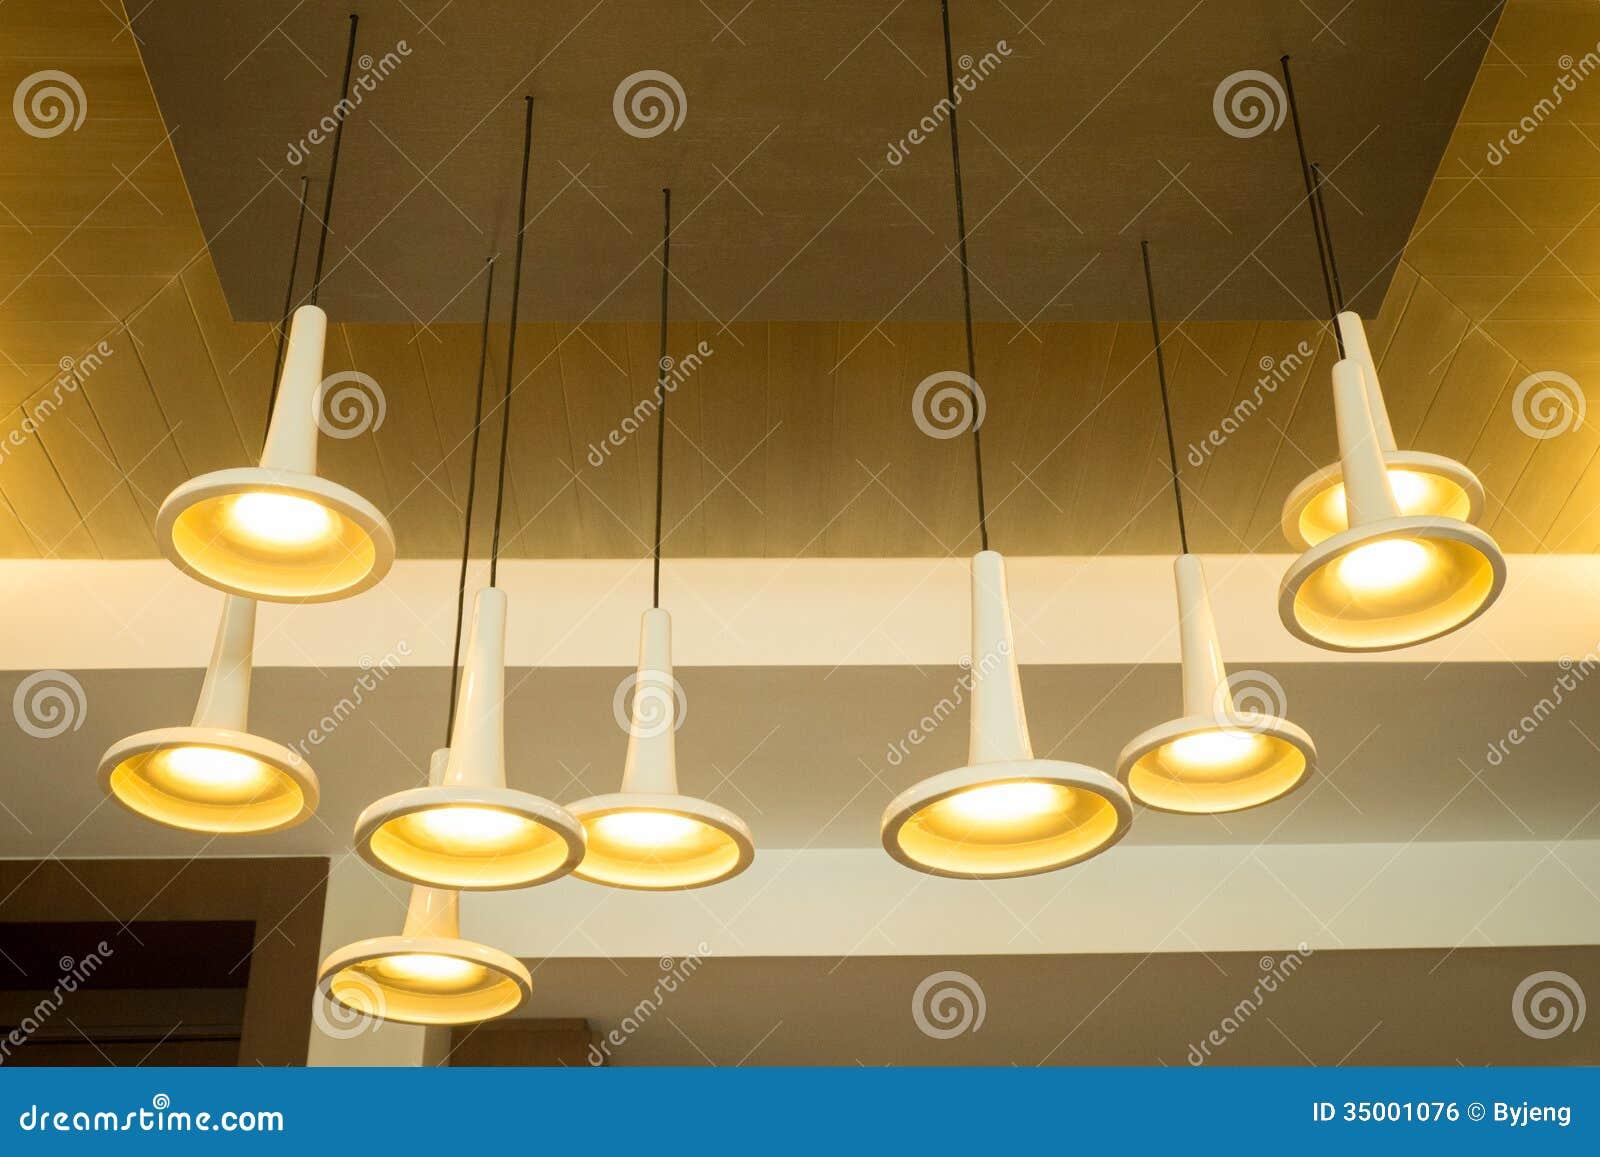 Lampade A Sospensione Moderne Immagine Stock Libera da Diritti ...